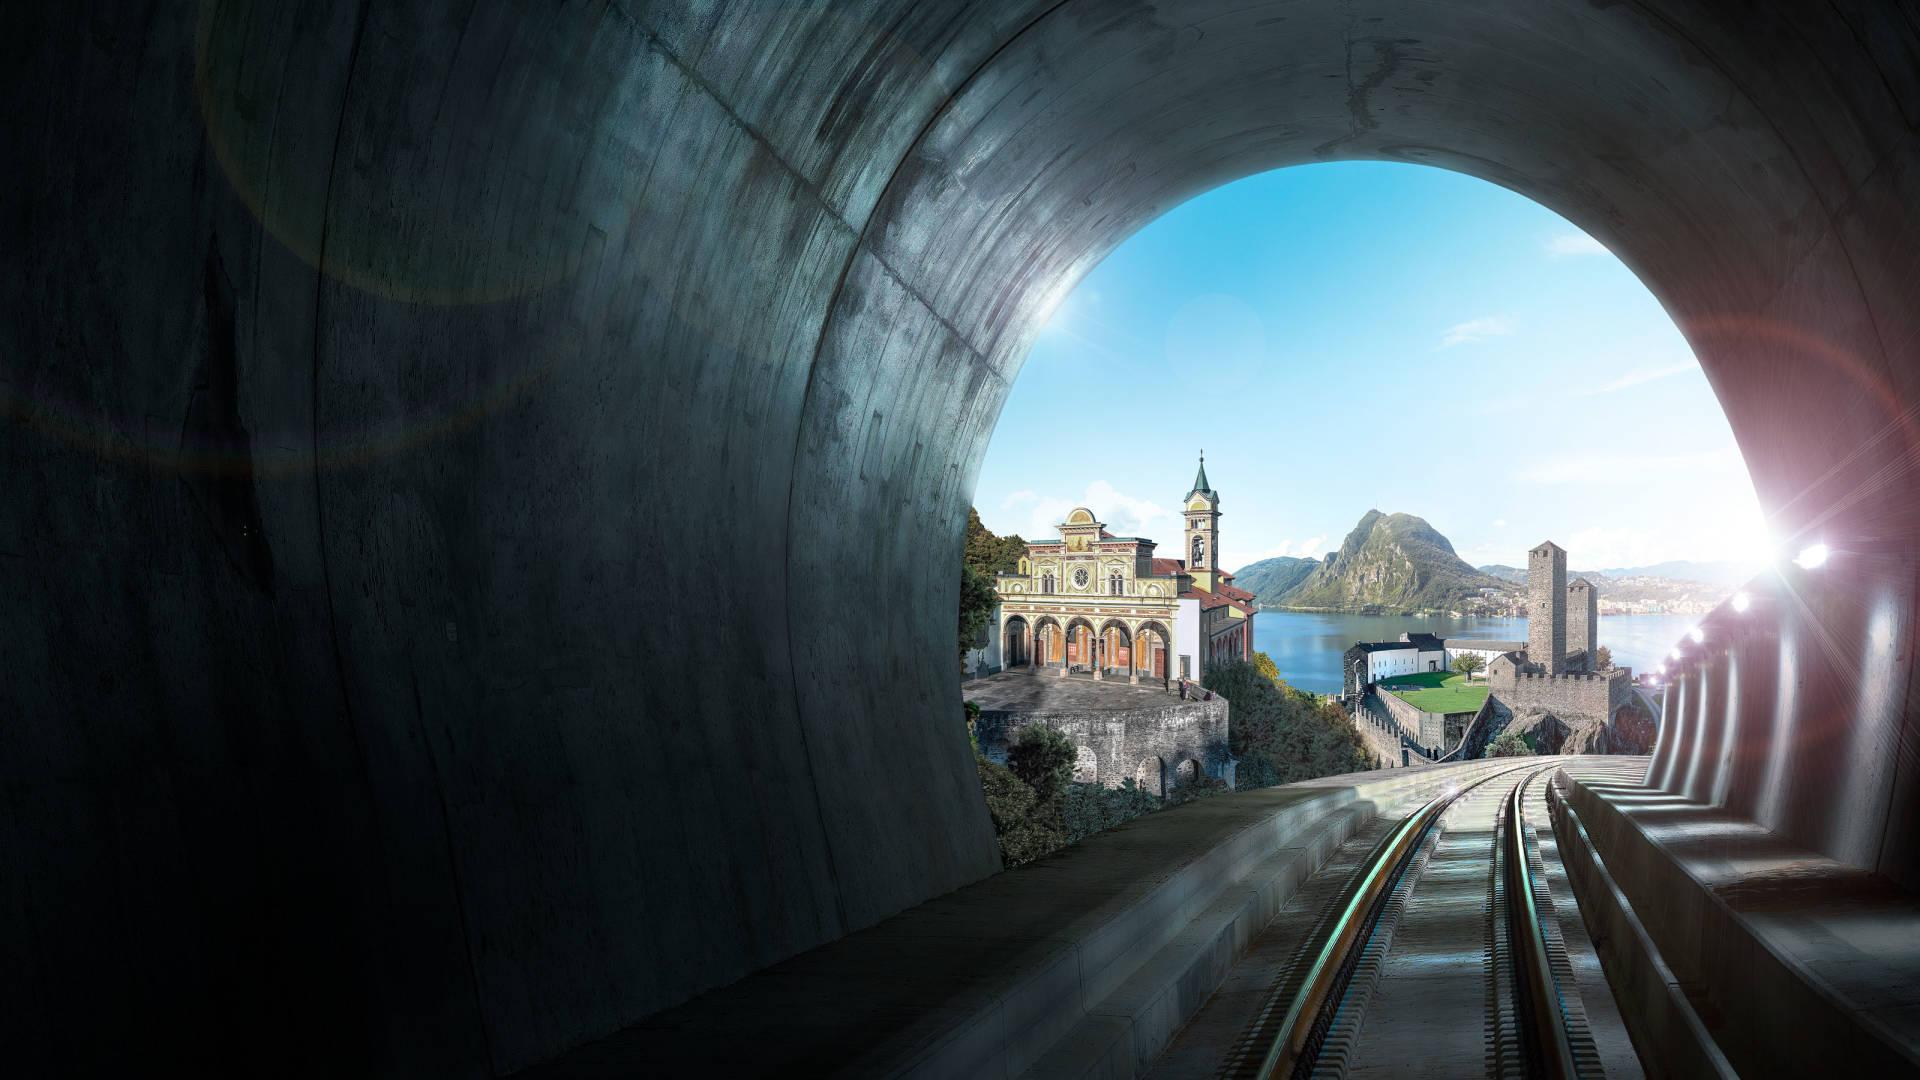 Ceneri-Basistunnel zwischen Lugano und Bellinzona